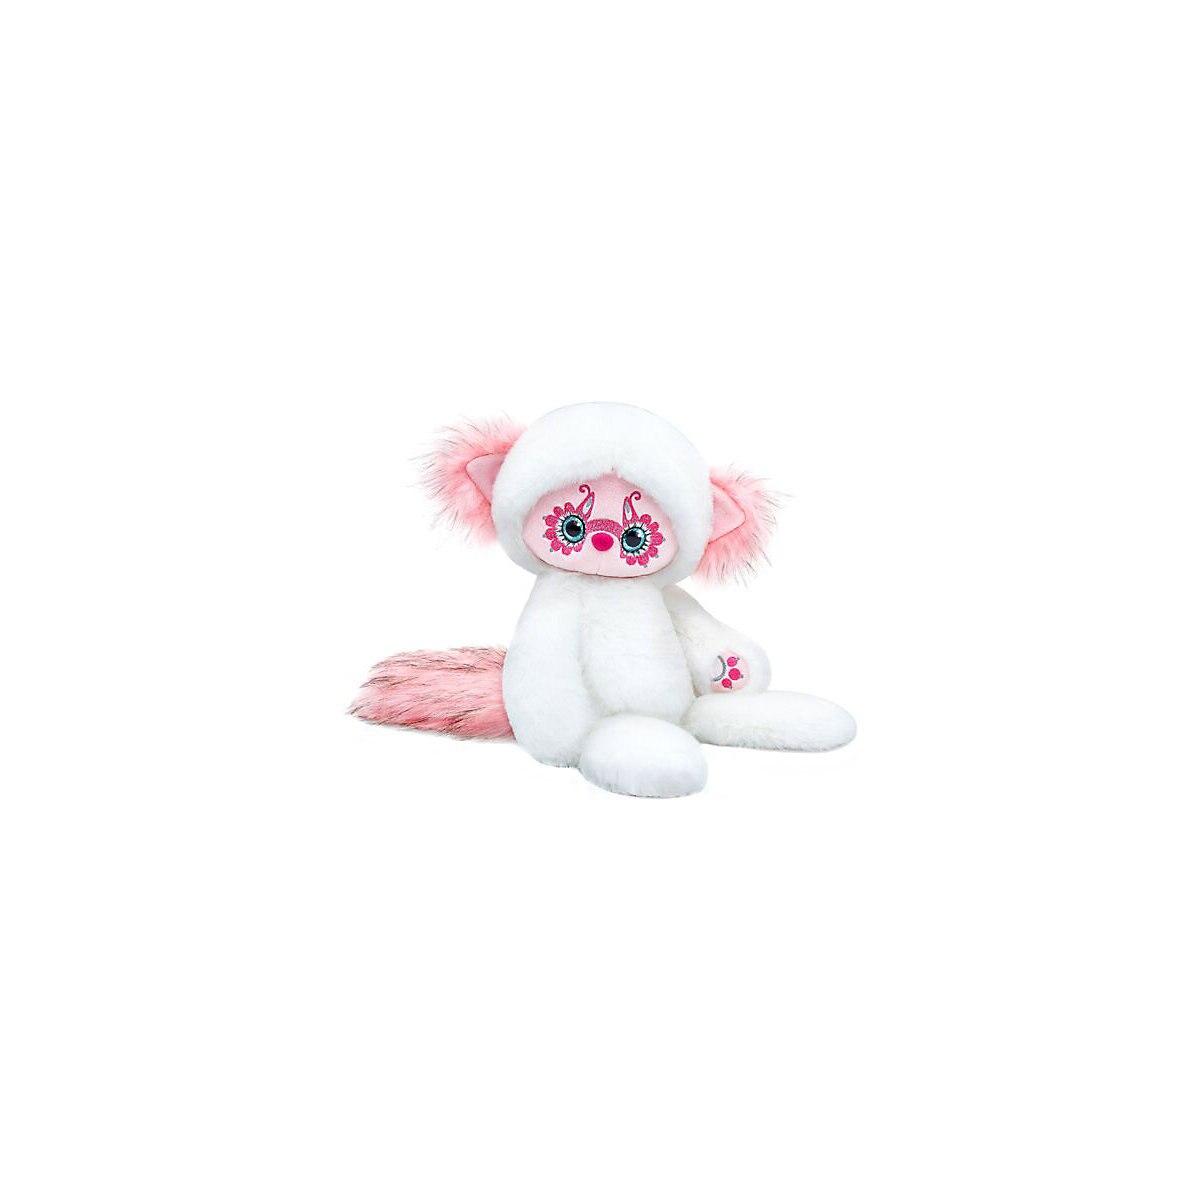 Animales de peluche y felpa 11371209 juguete para niños y niñas juguetes suaves para bebés